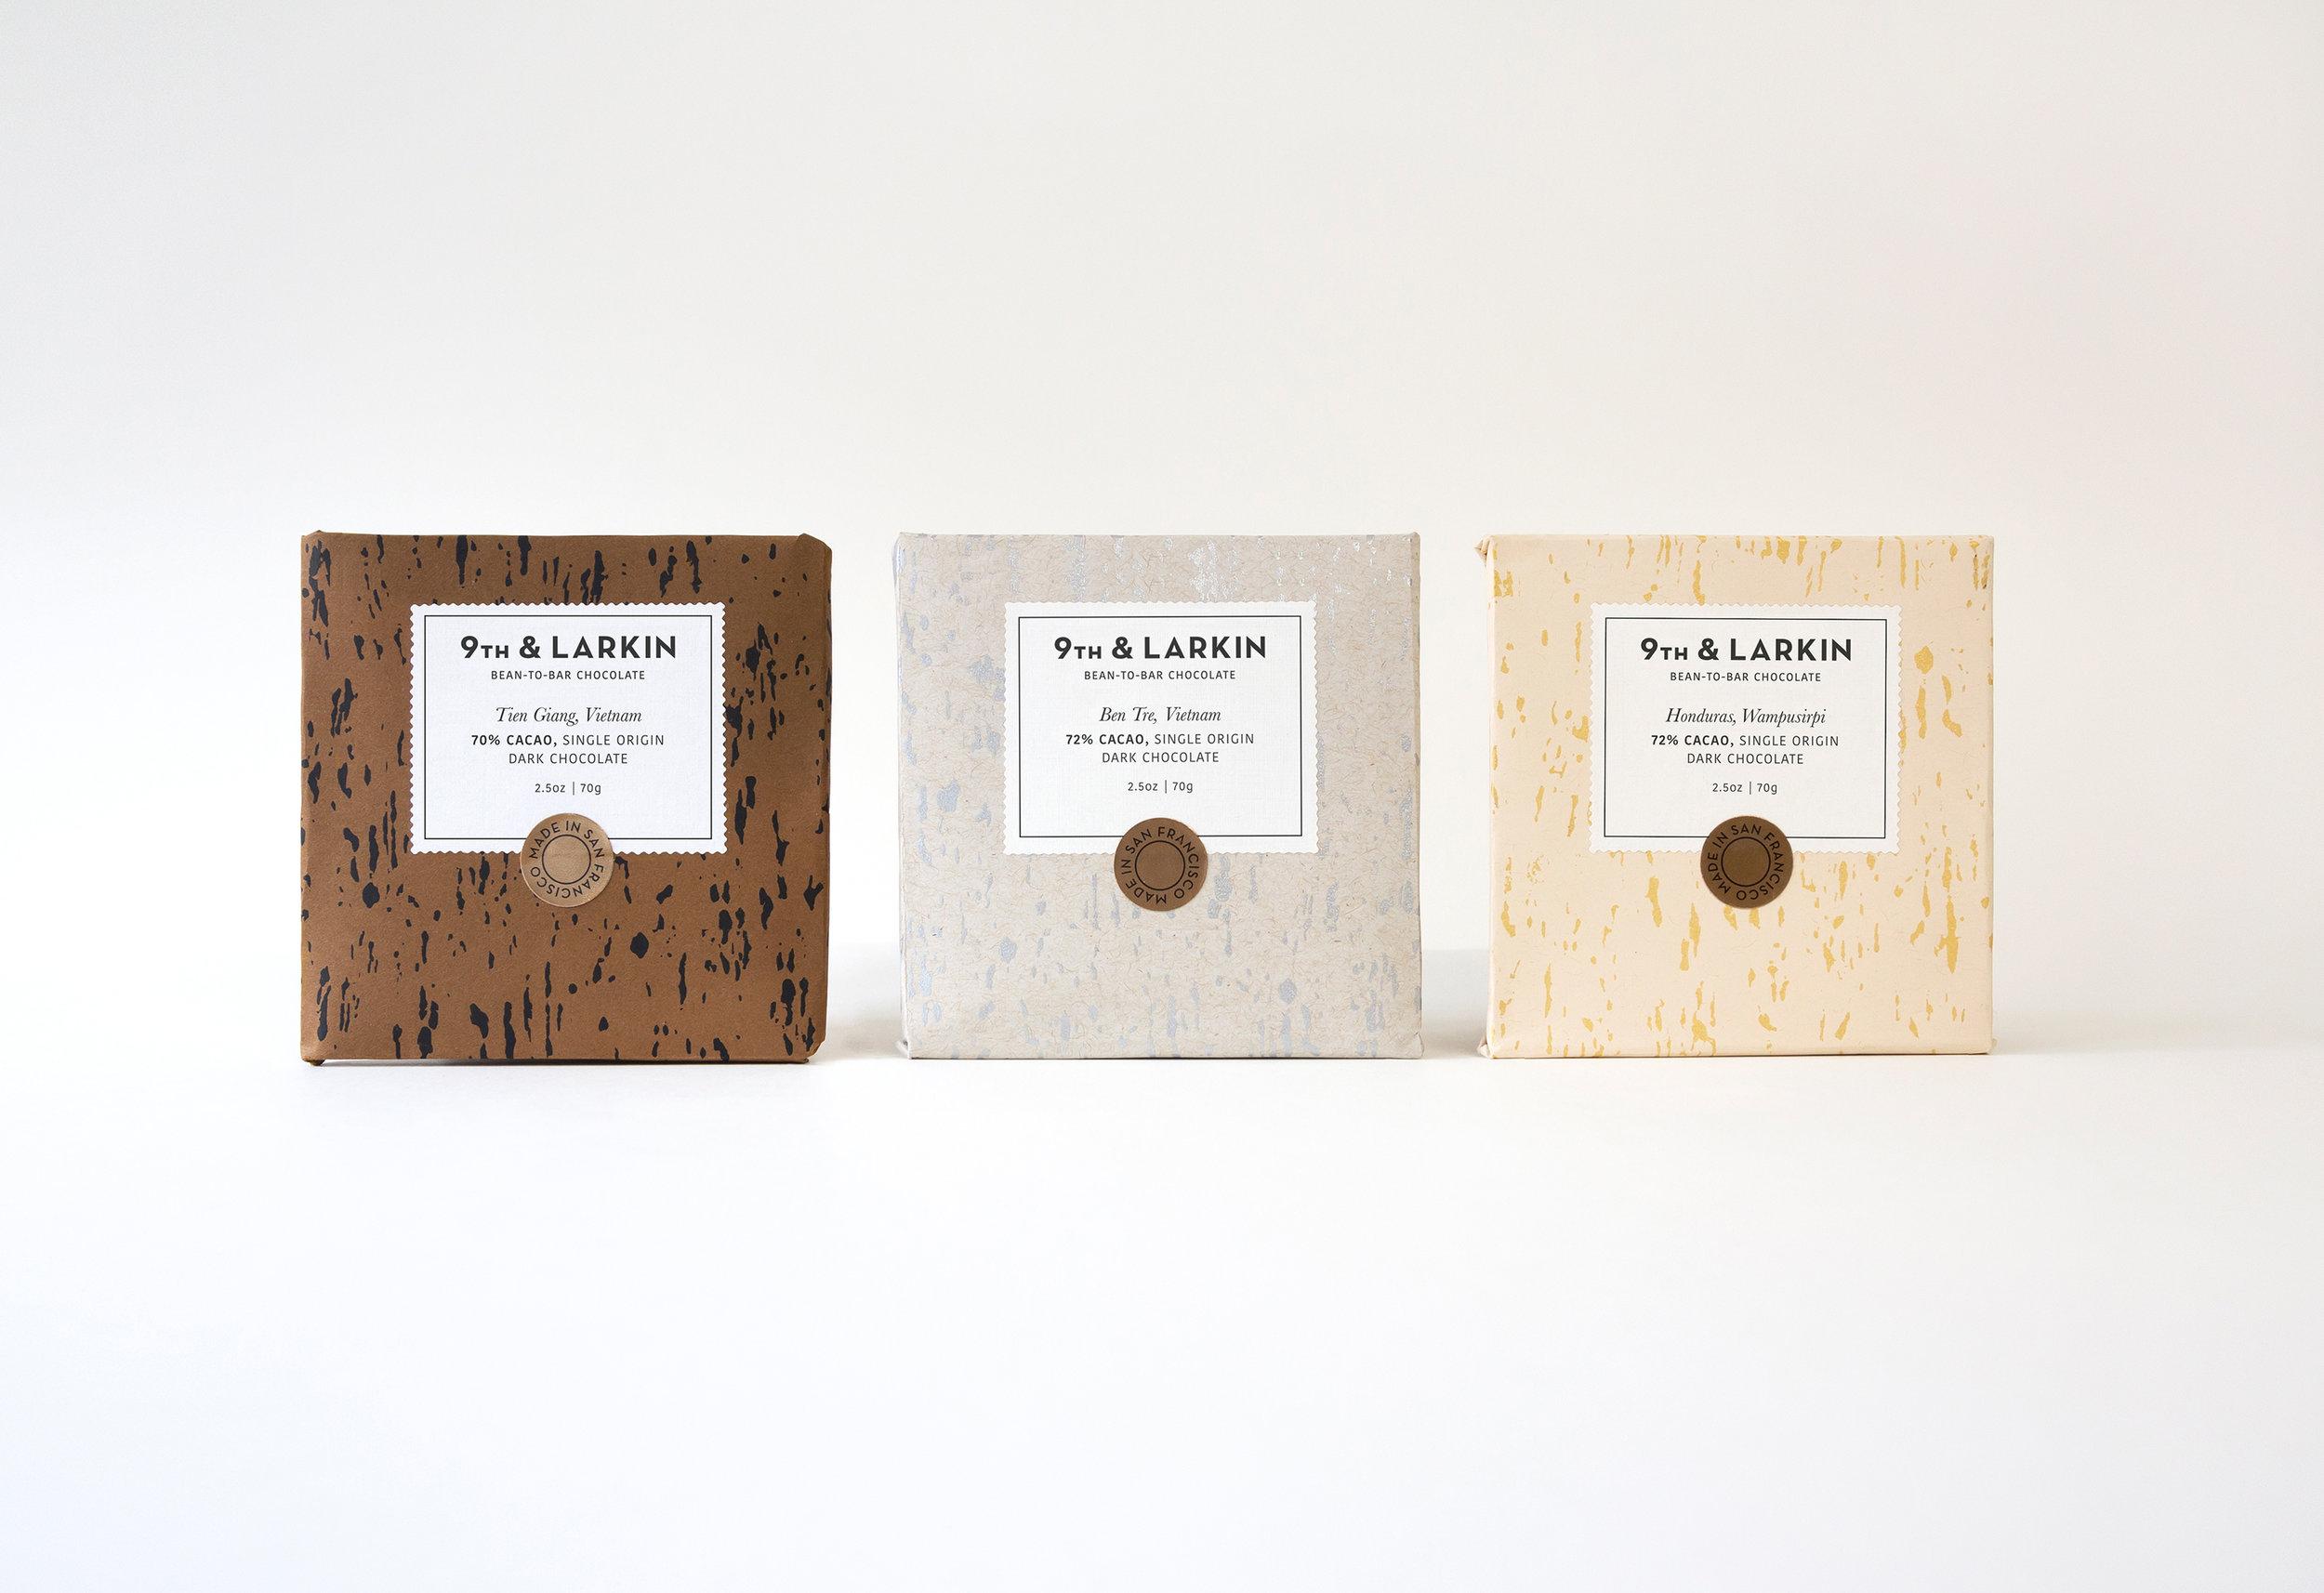 chocolate-packages-02.jpg